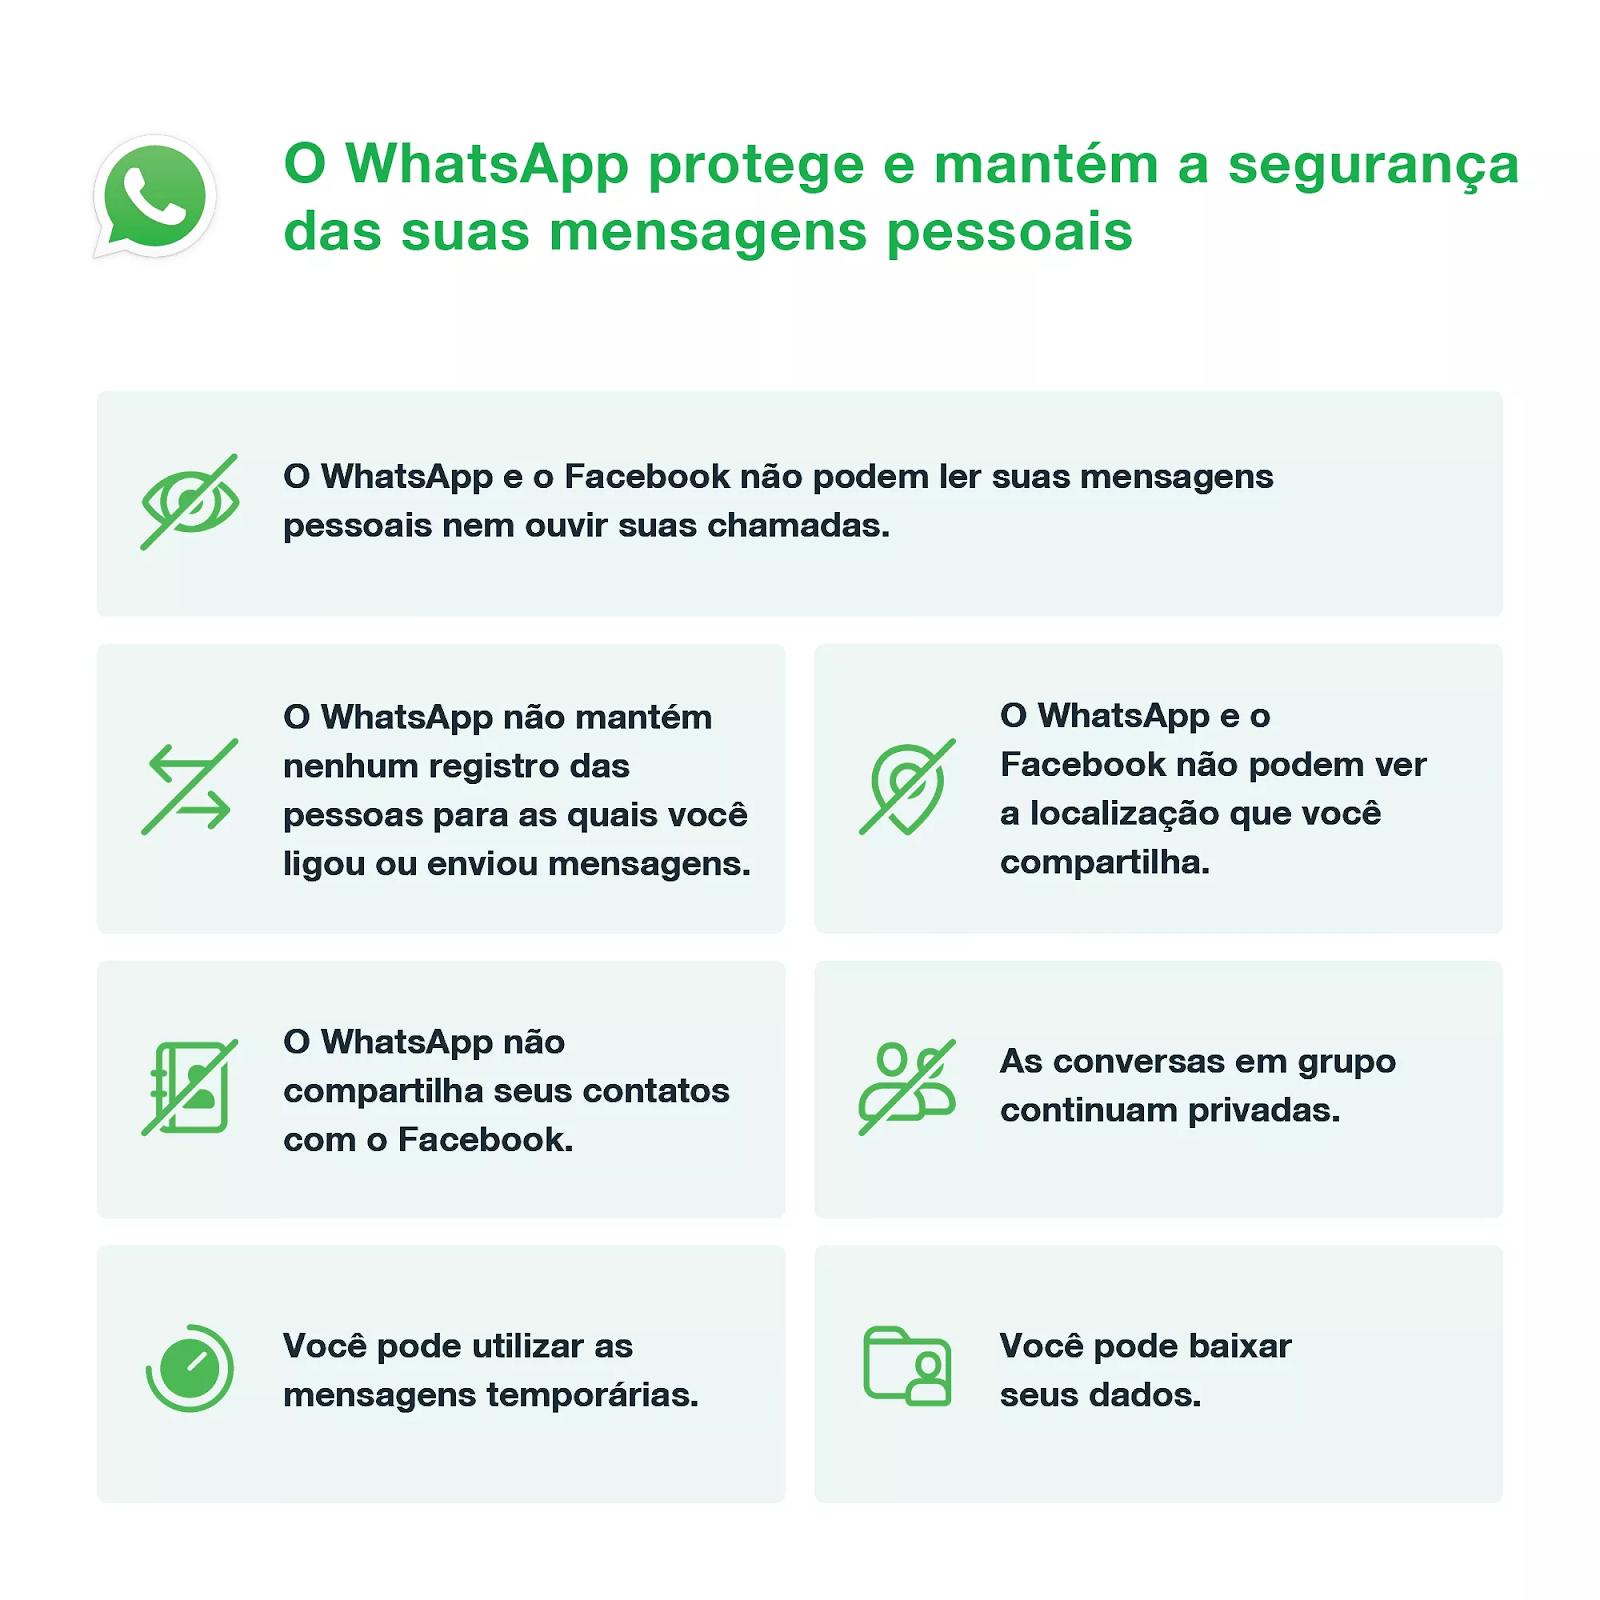 aviso de privacidade do whatsapp